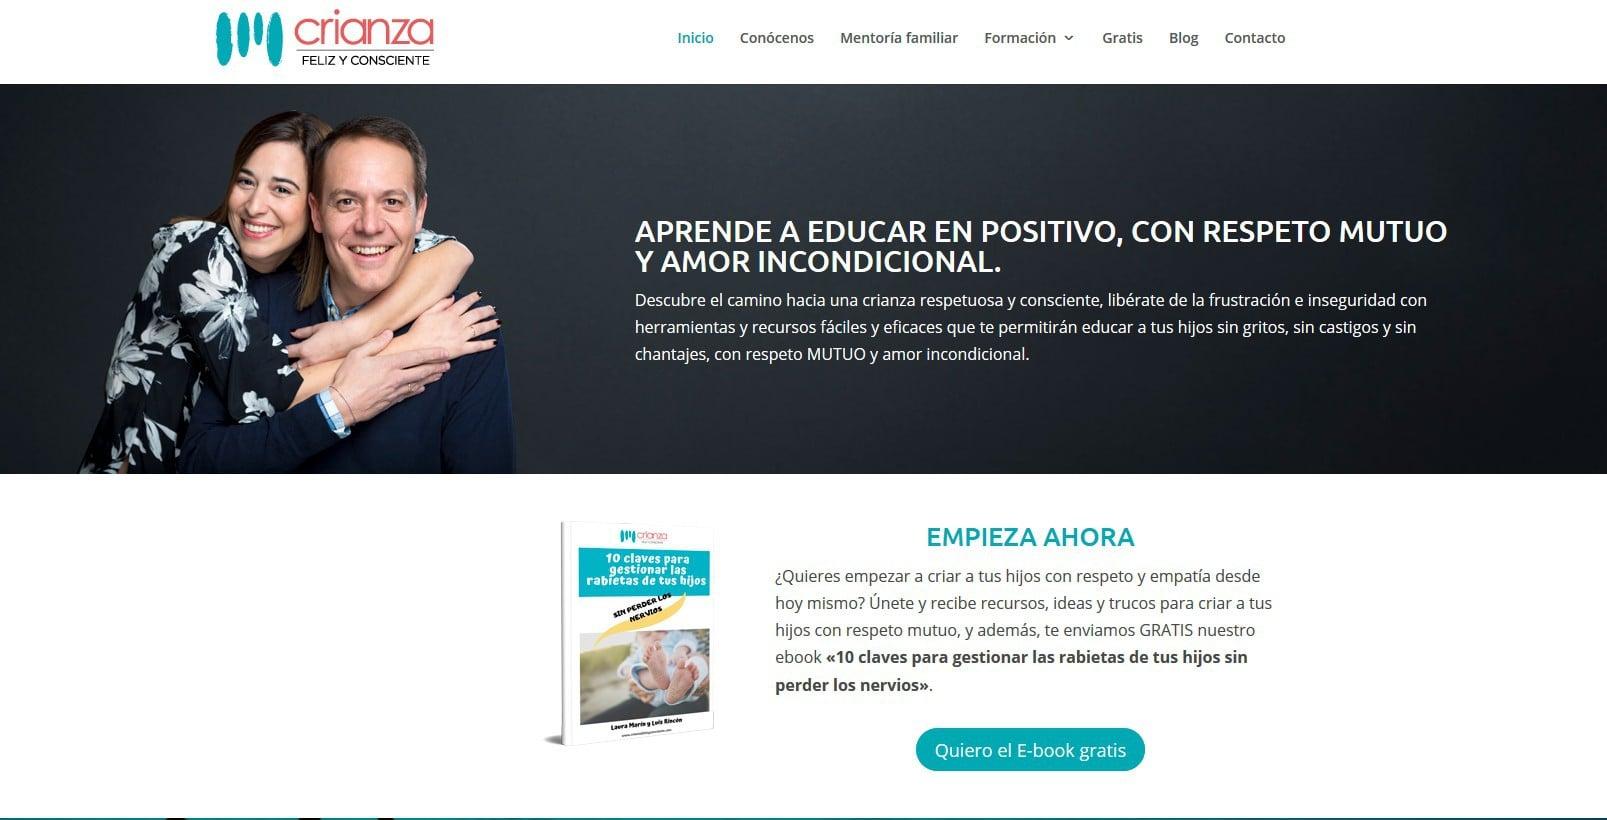 web crianza feliz consciente pagina Diseño paginas web